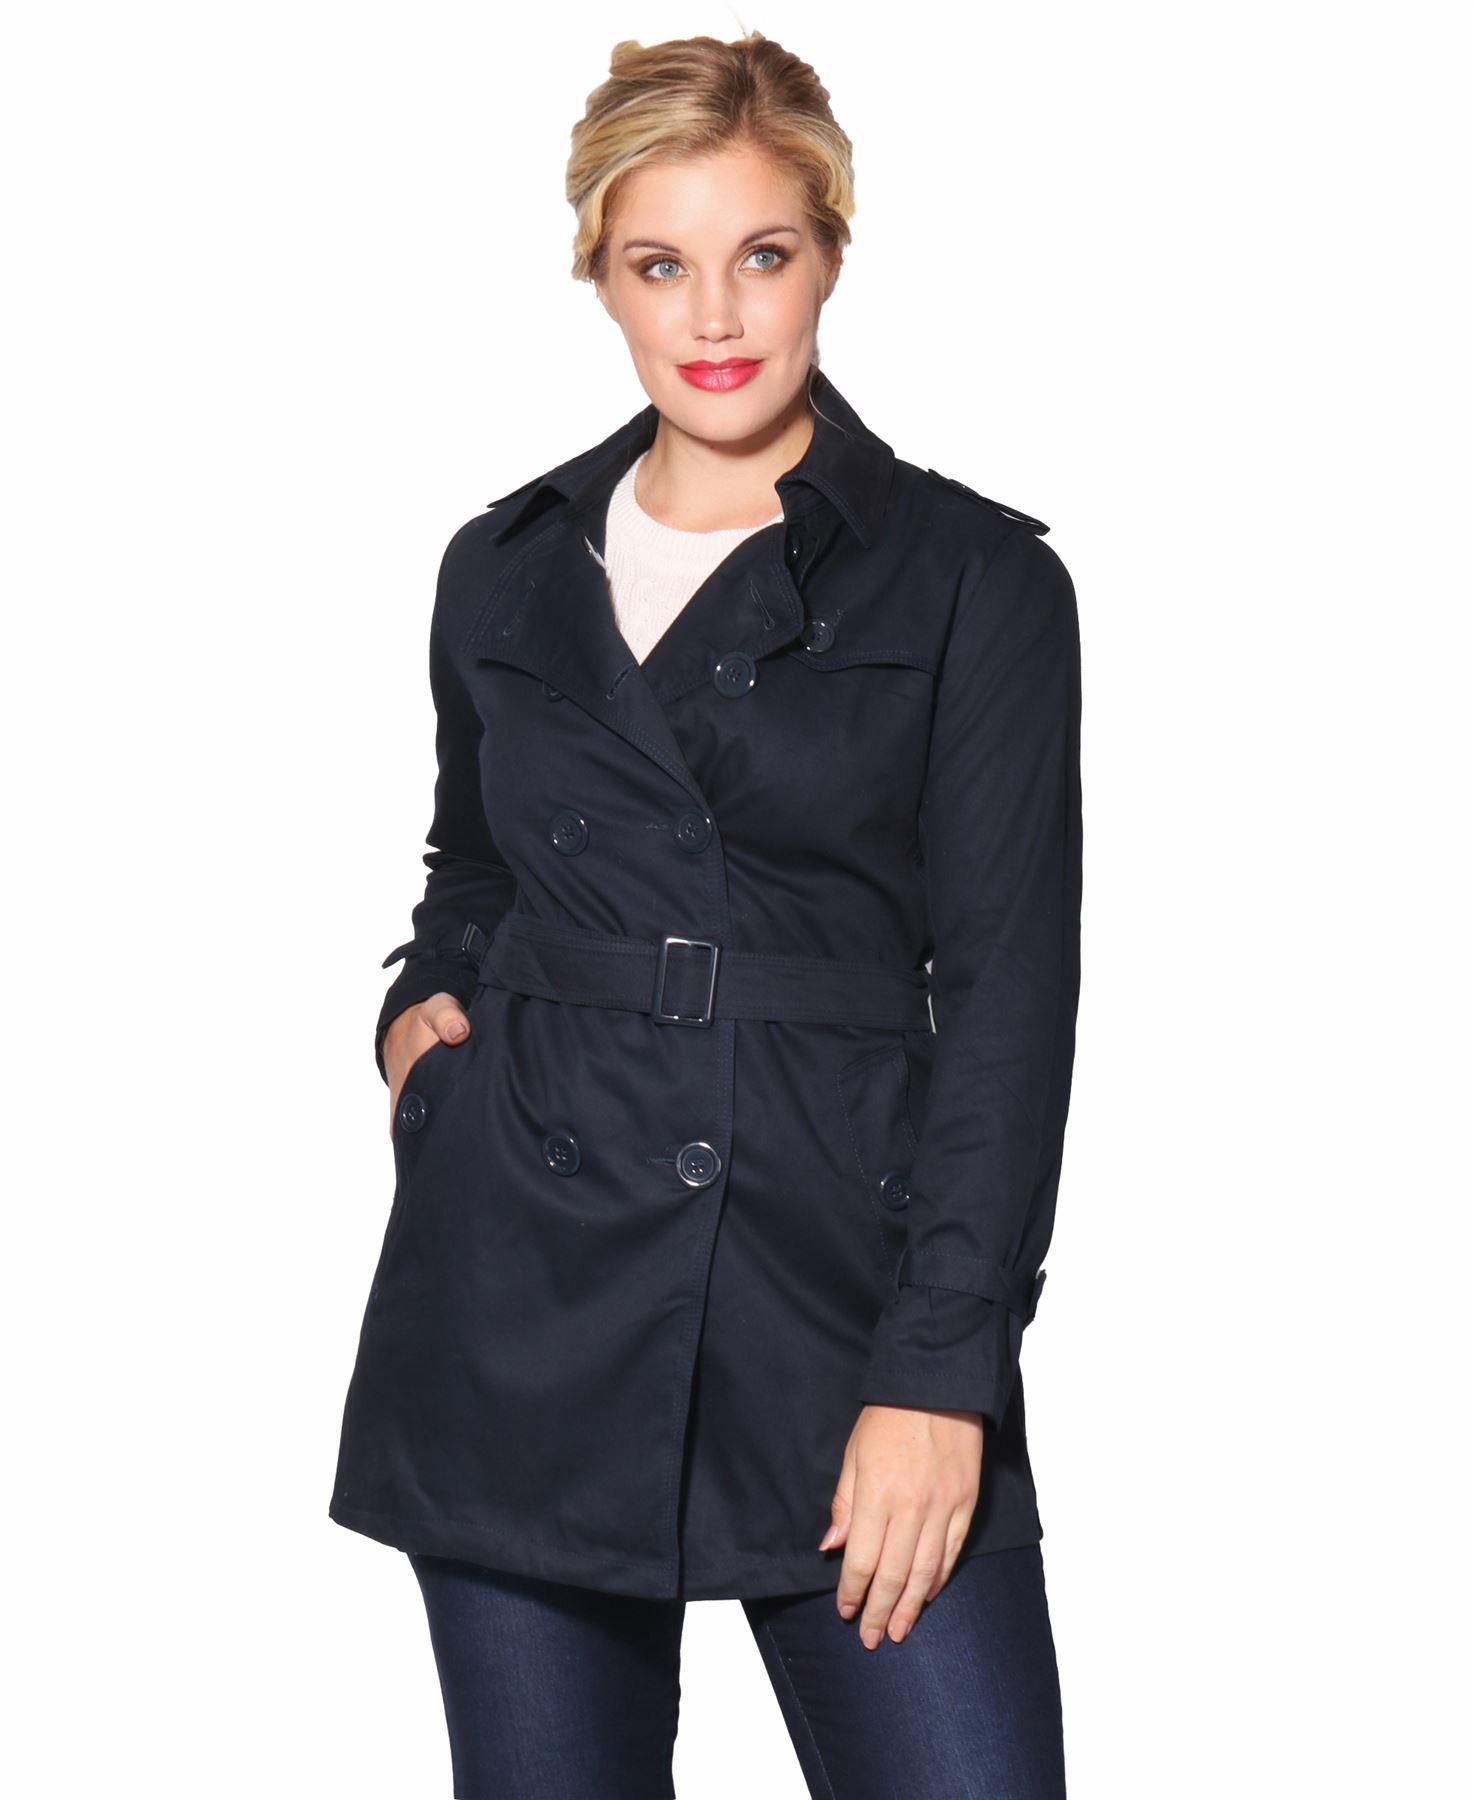 Jacke Zu 36 Details Kurzmantel Mantel 46 Damen Winter Große Größen Klassischer Trenchcoat PkiulTOwXZ